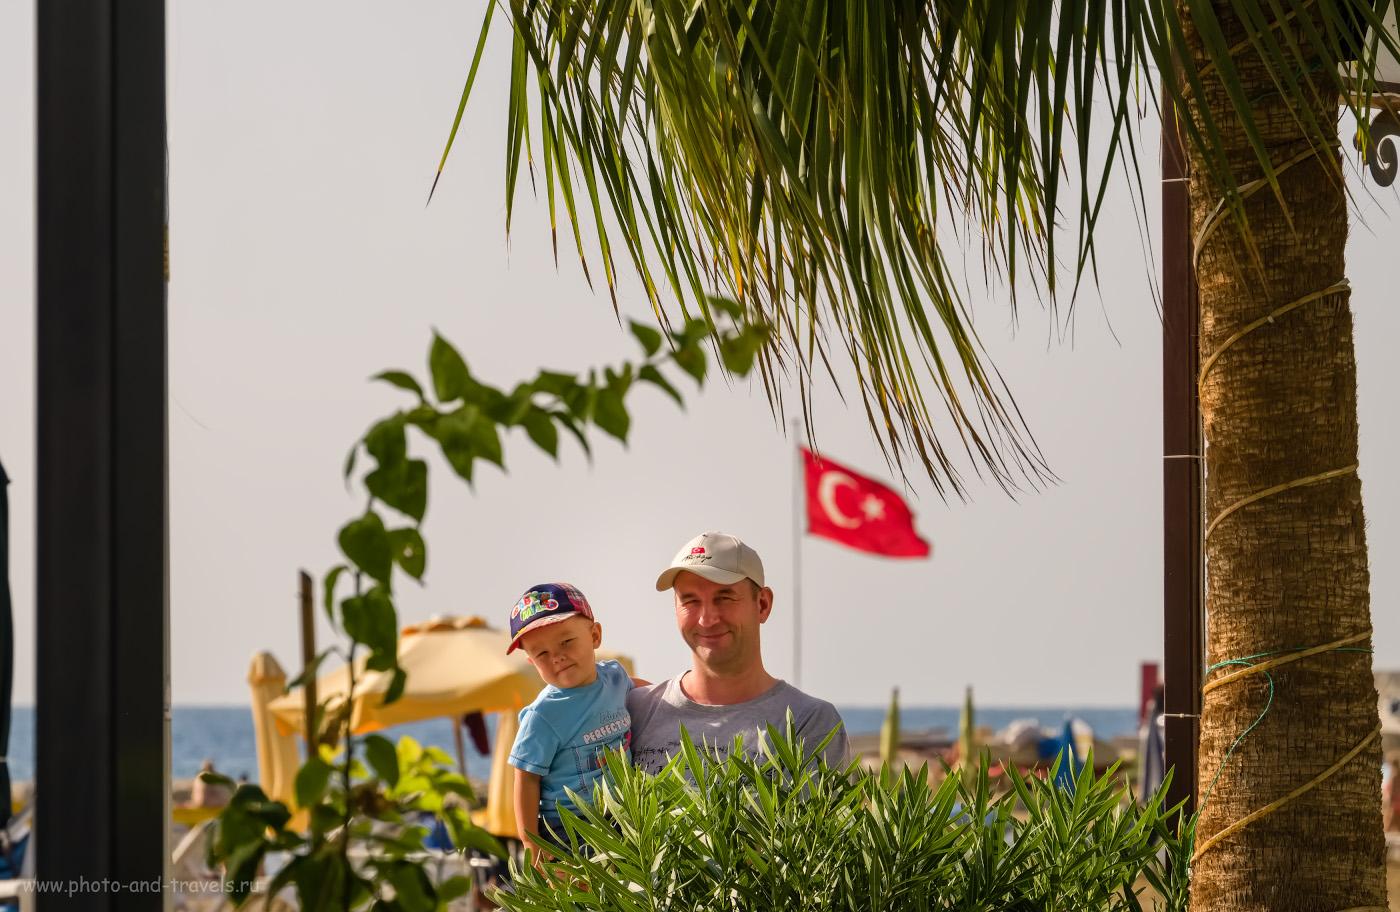 48. От отдыха в Турции мы остались в восторге. В этой стране понравится и взрослым, и детям. 1/420, 9.0, 200, 181.